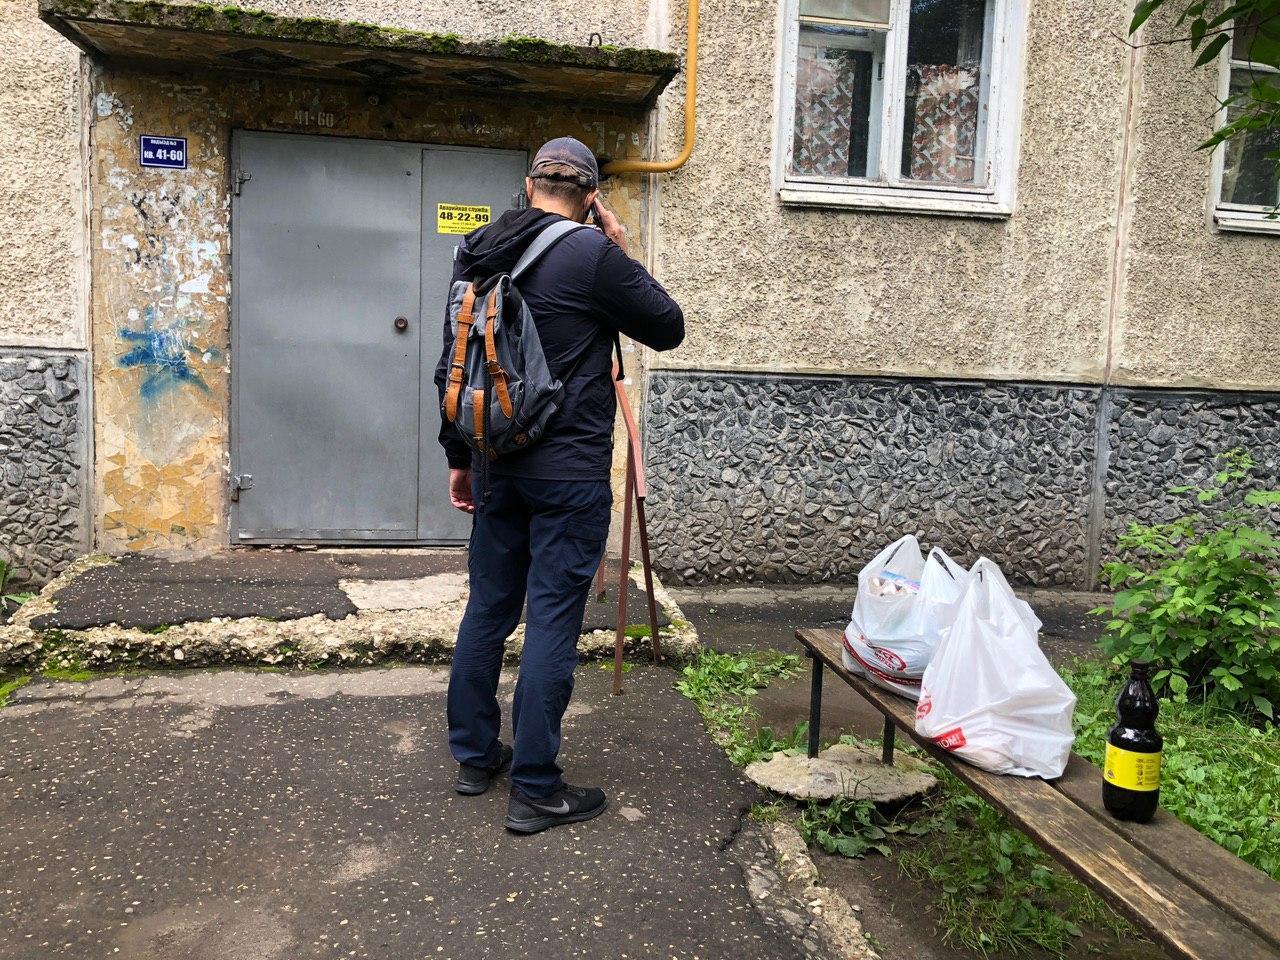 Волонтеры зачастую становятся единственной ниточкой, связующей пожилых с внешним миром